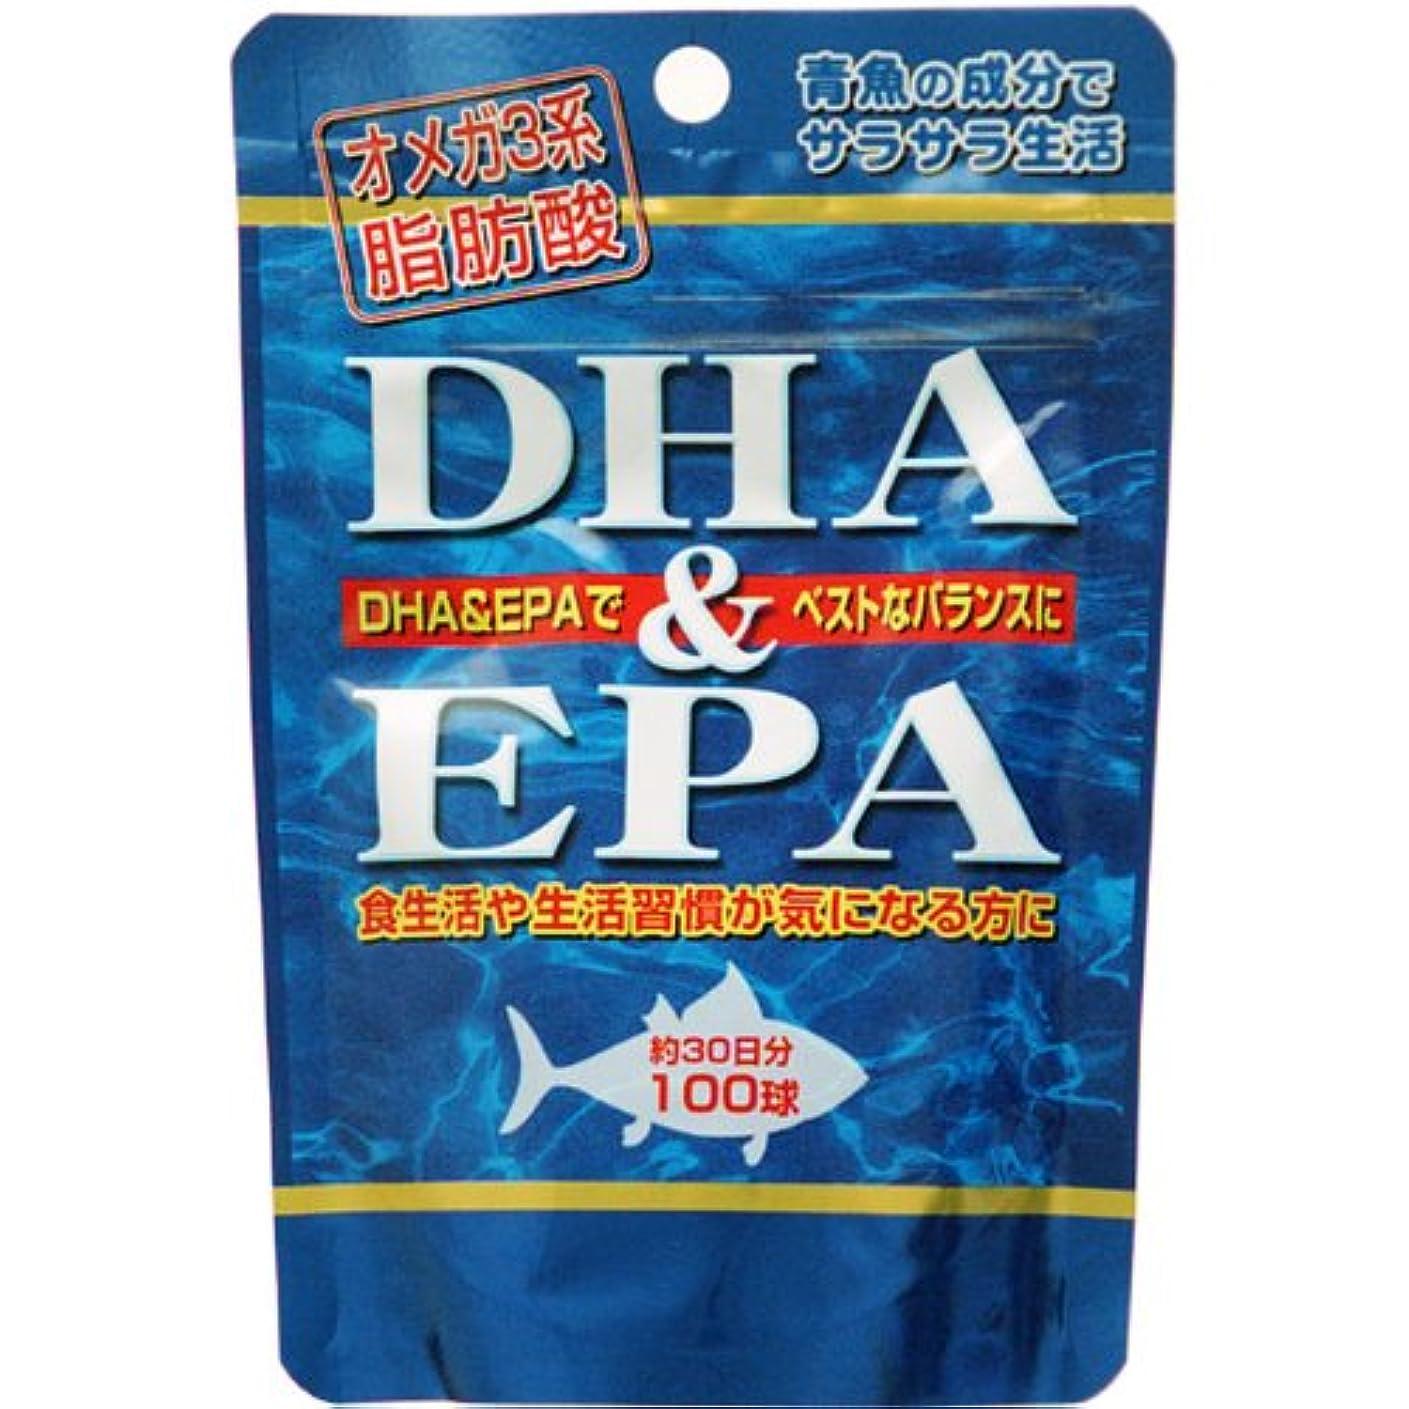 大胆な発送組み込むDHA(ドコサヘキサエン酸)&EPA(エイコサペンタエン酸)×5